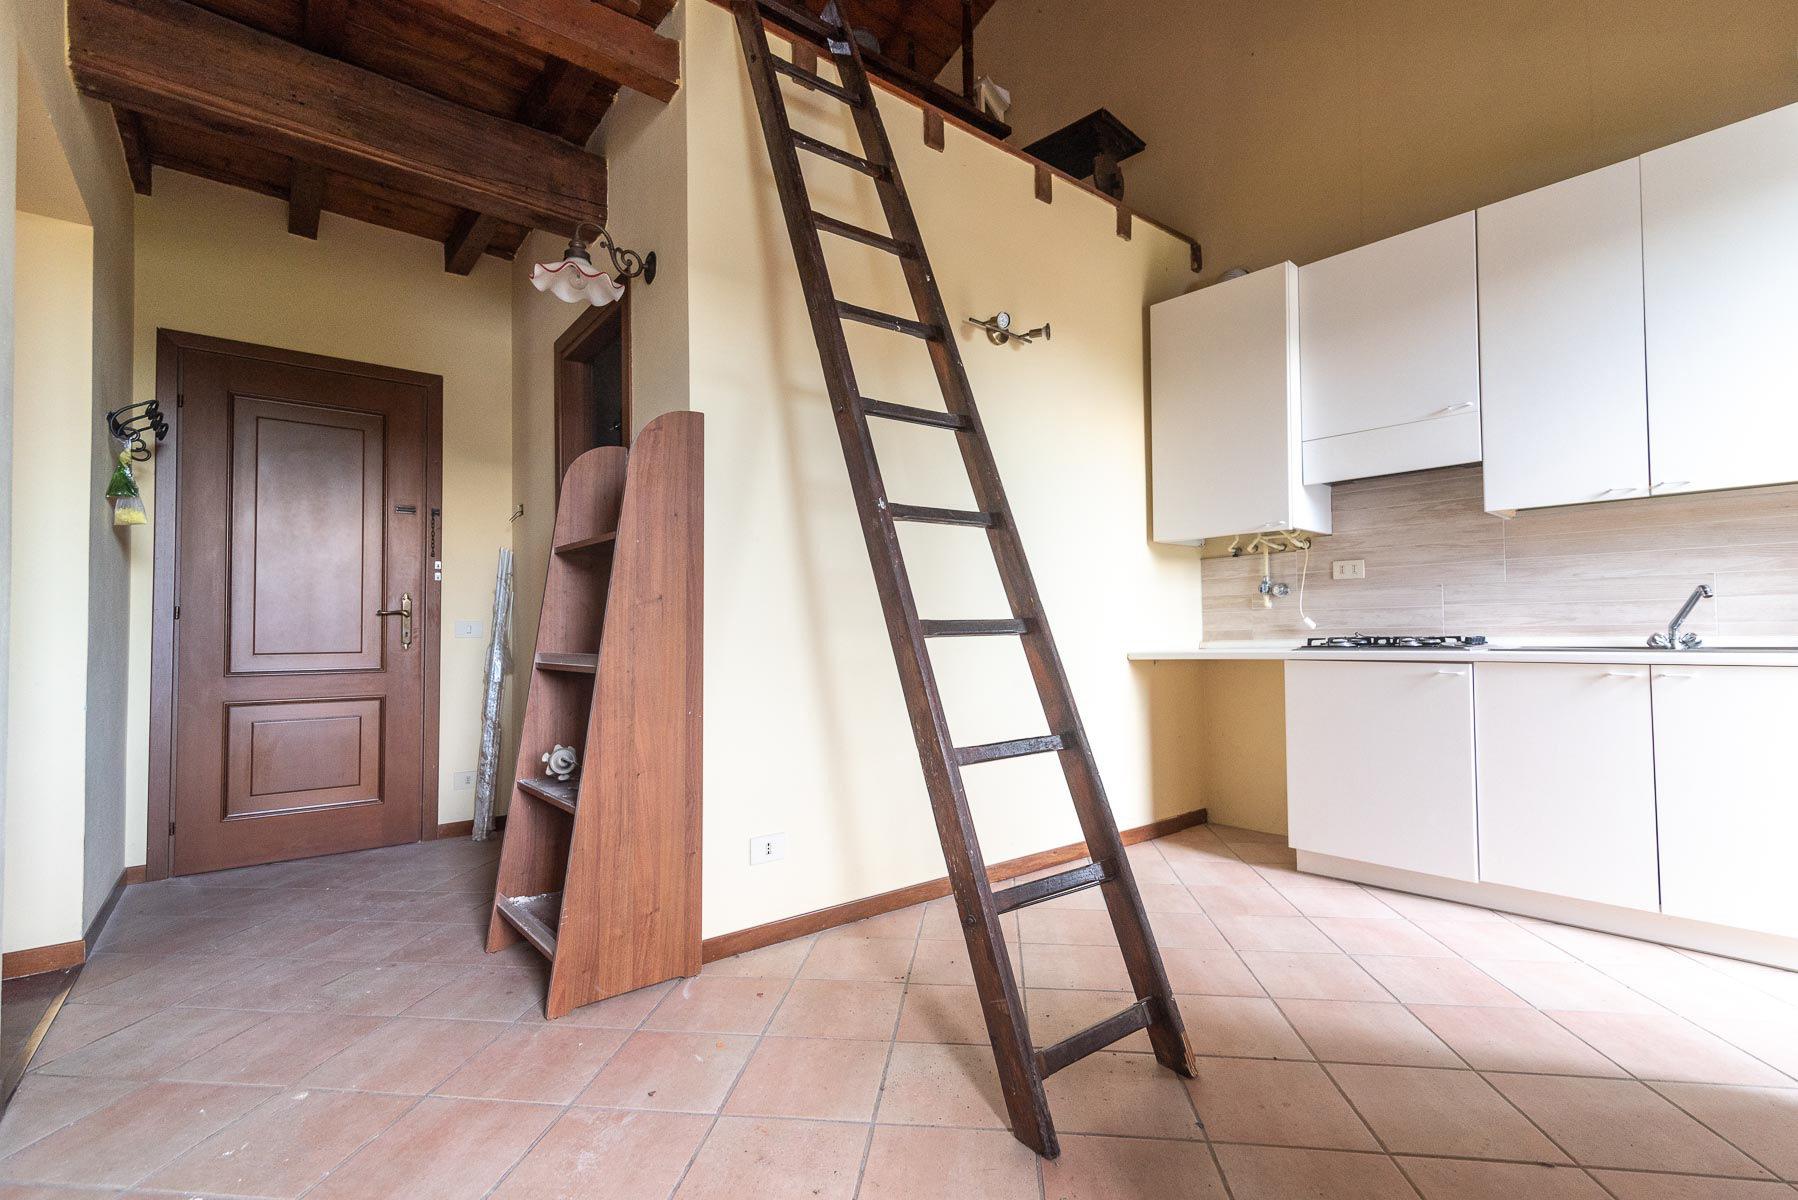 Apartment for sale in Pescatori island,Stresa-staircase